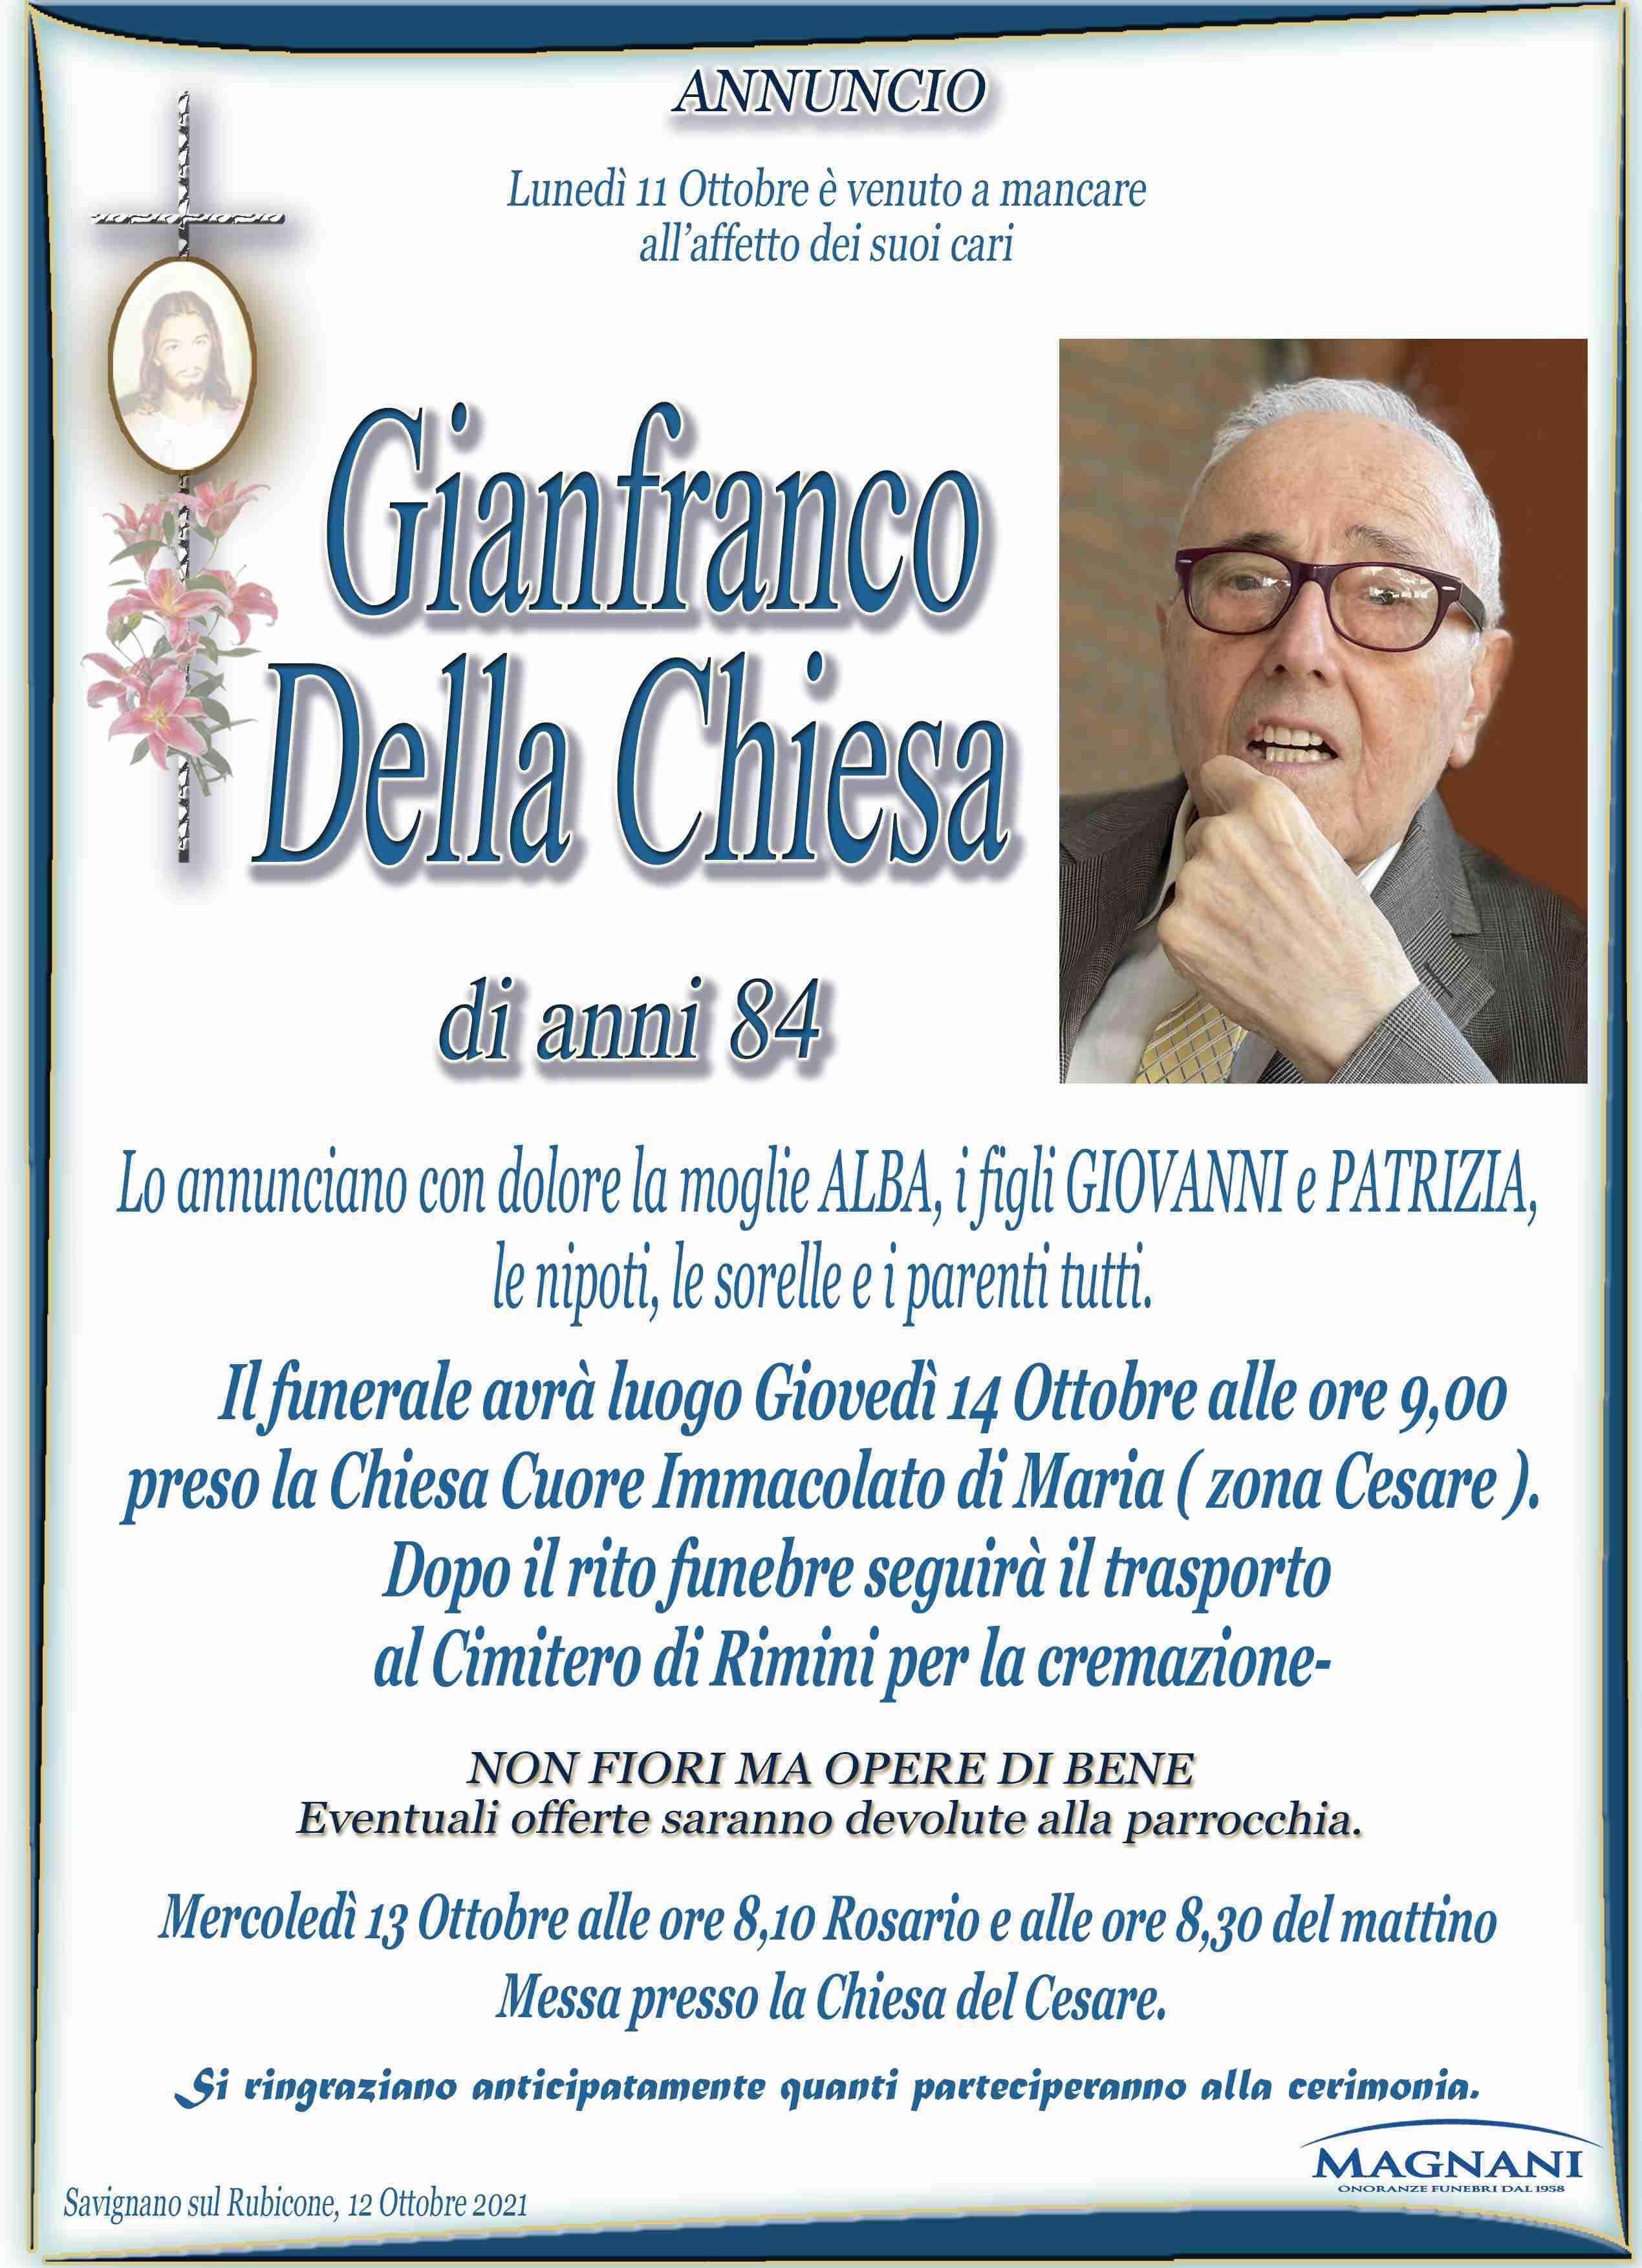 Gianfranco Della Chiesa